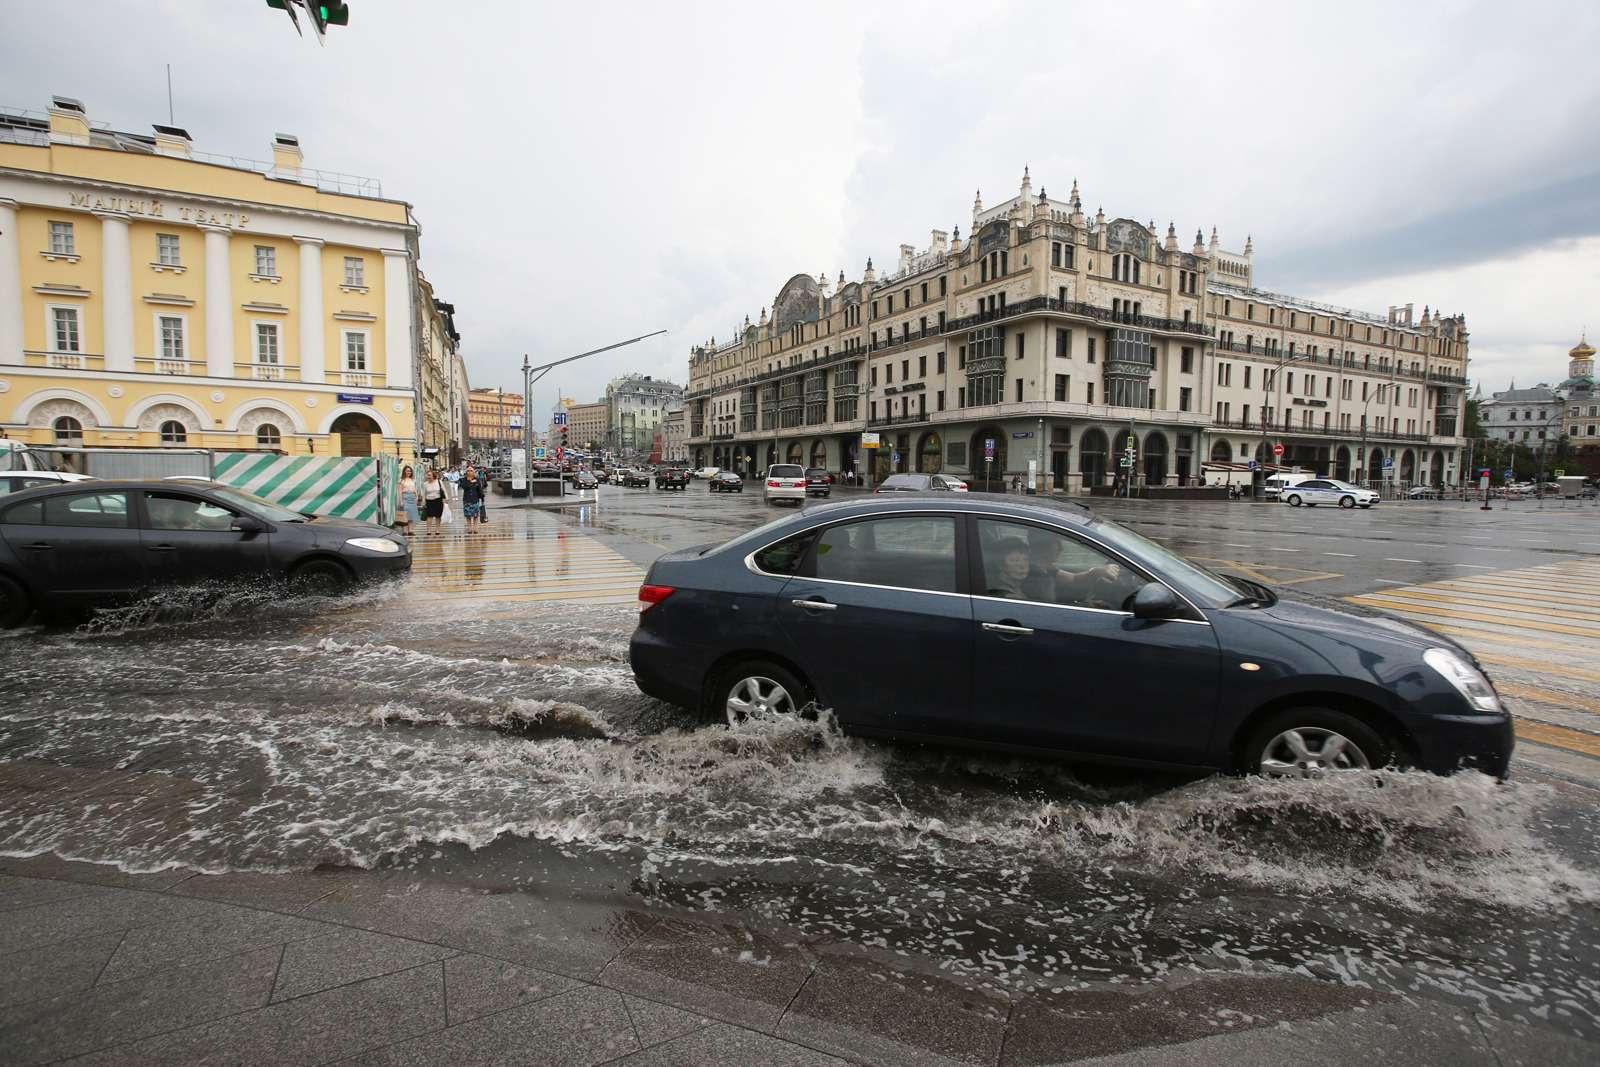 Москву залили дожди, машины поплыли. Фоторепортаж ЗР— фото 770694